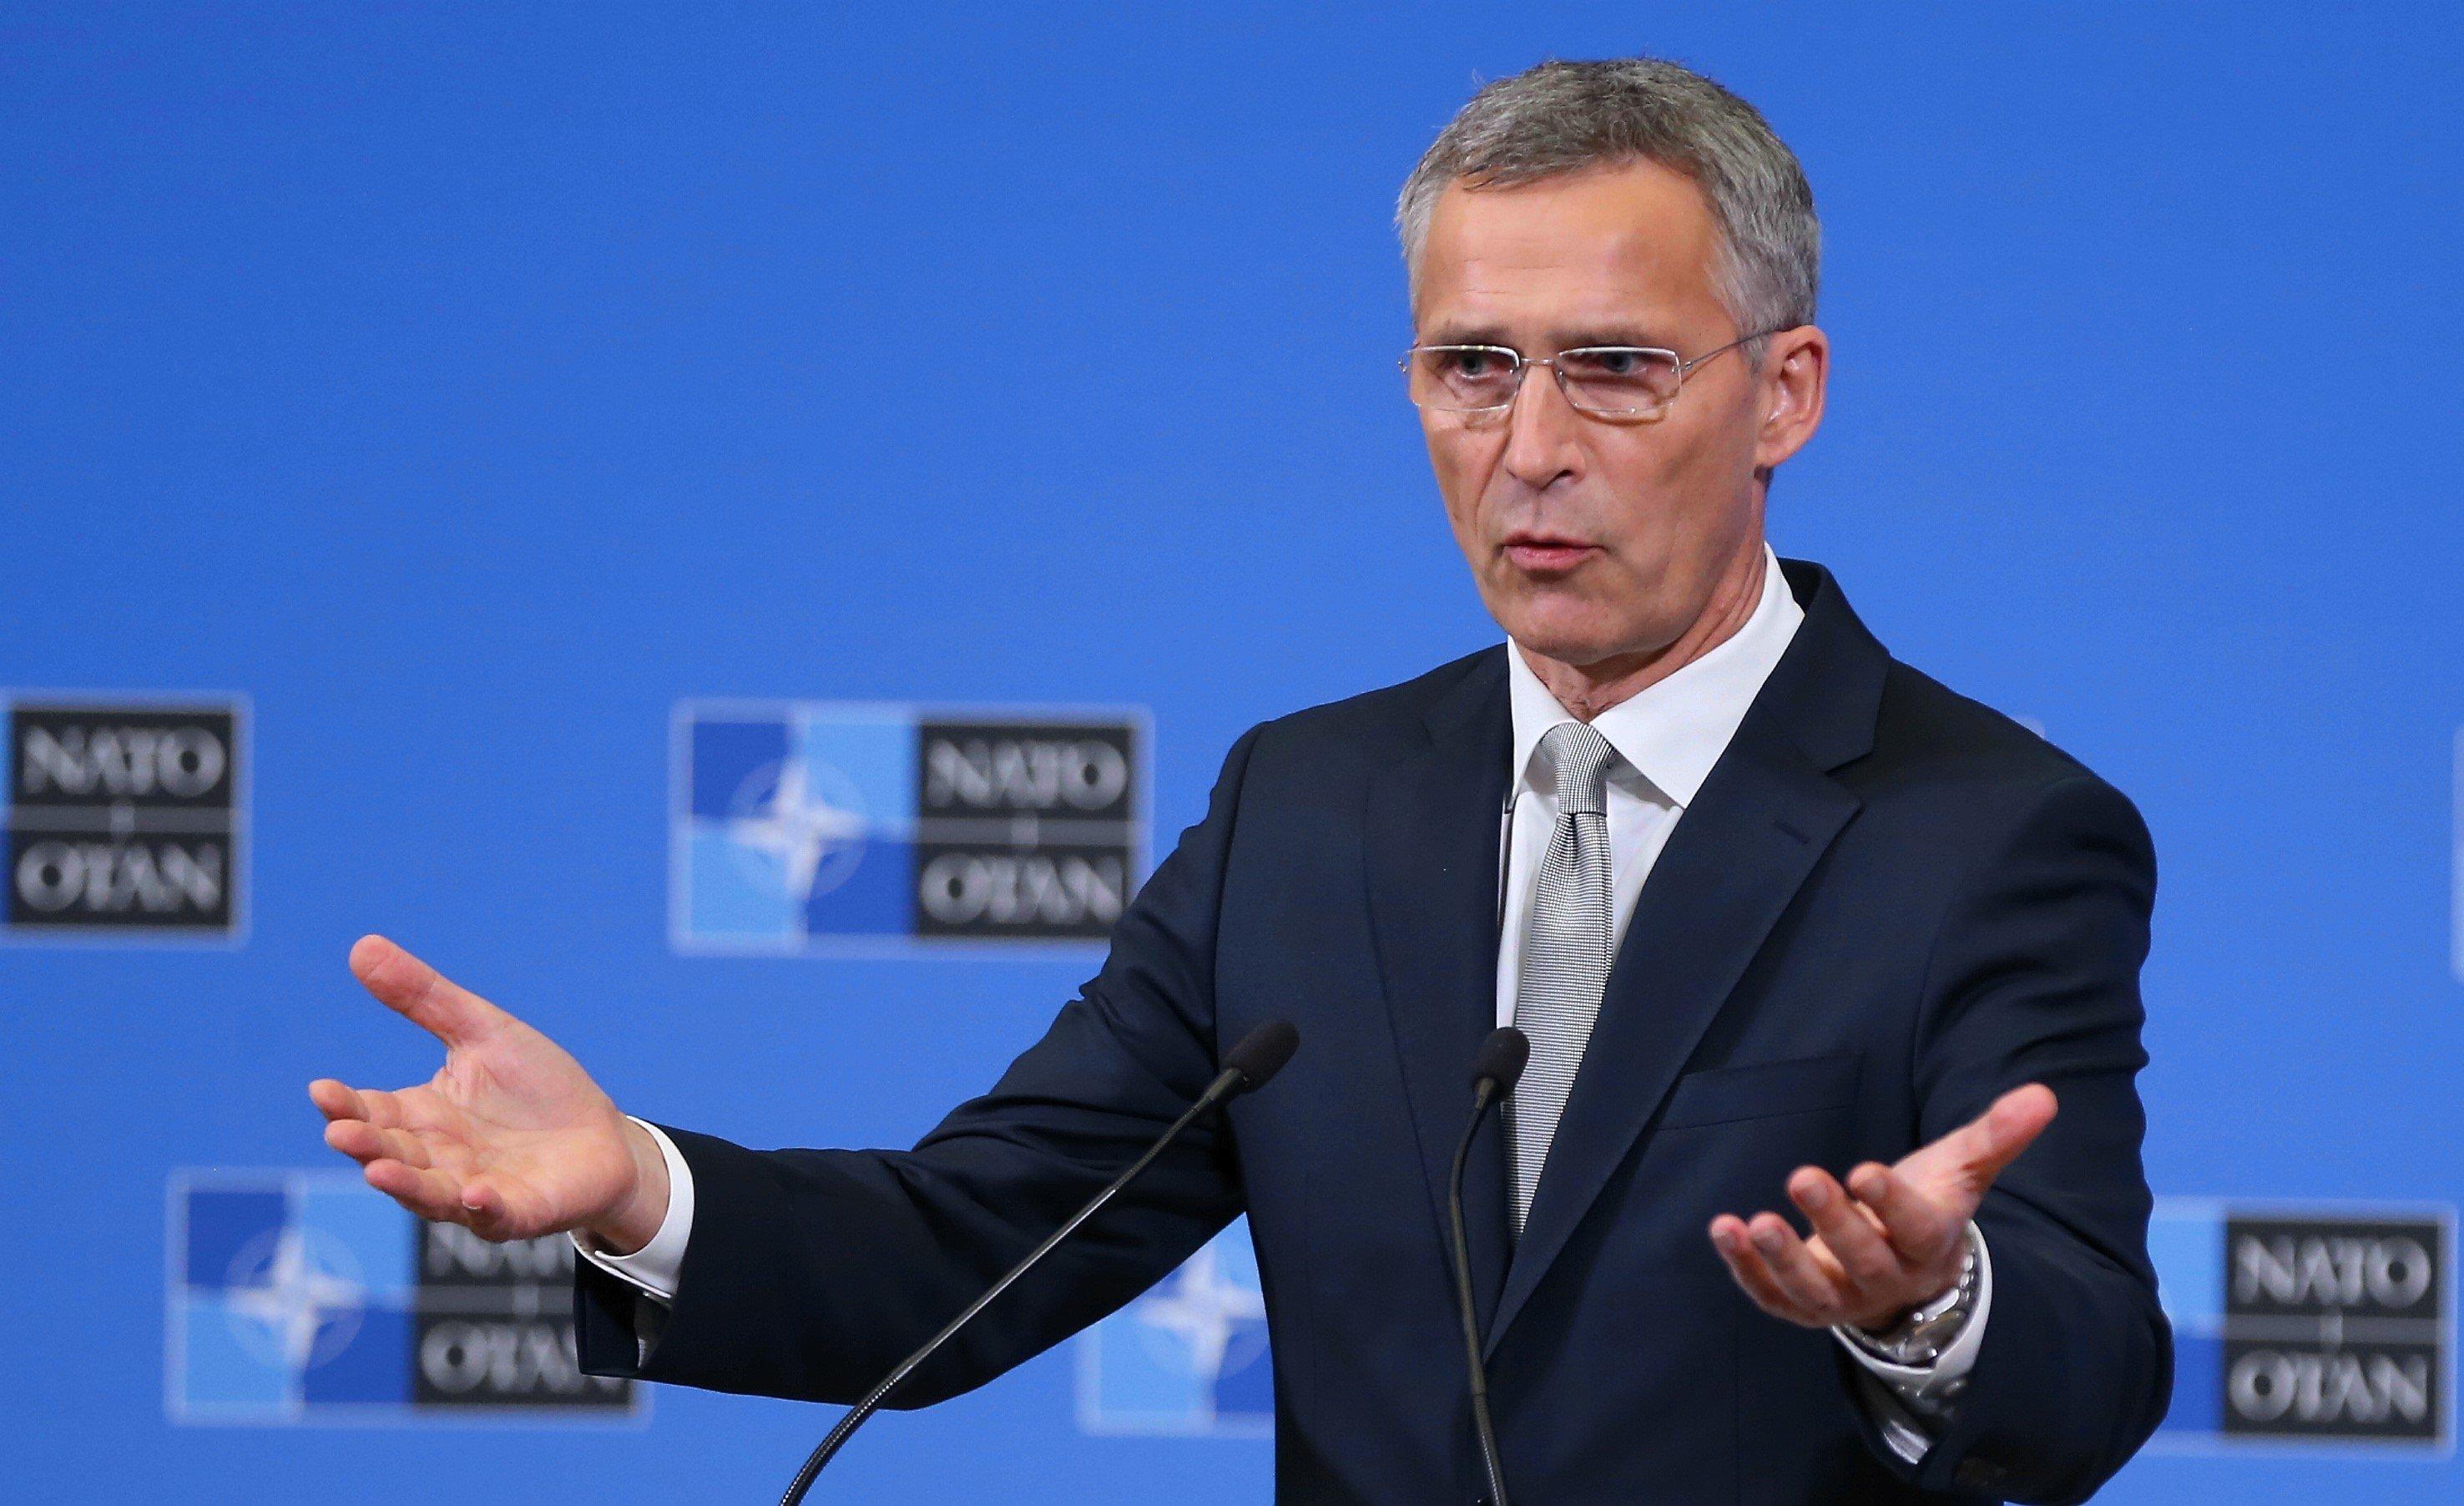 Οι πρώτες διεθνείς αντιδράσεις για τη συμφωνία μεταξύ Ελλάδας και ΠΓΔΜ